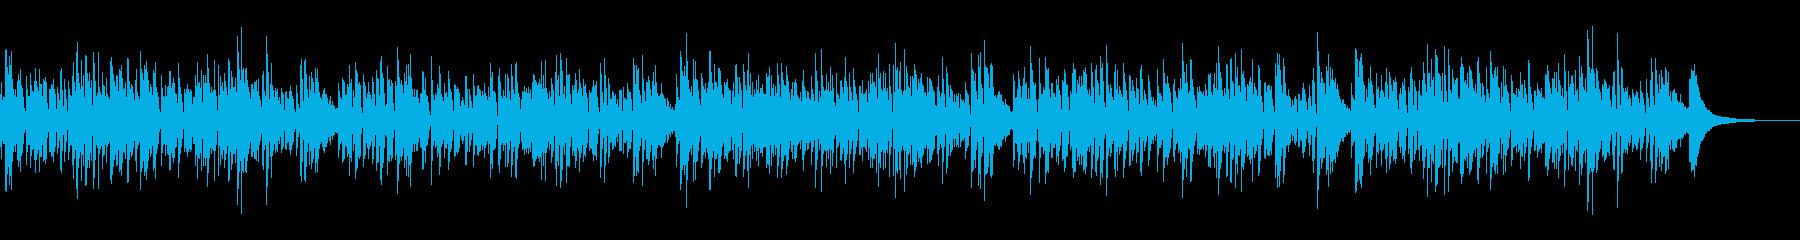 おしゃれ系アコースティックギターボサノバ 2の再生済みの波形